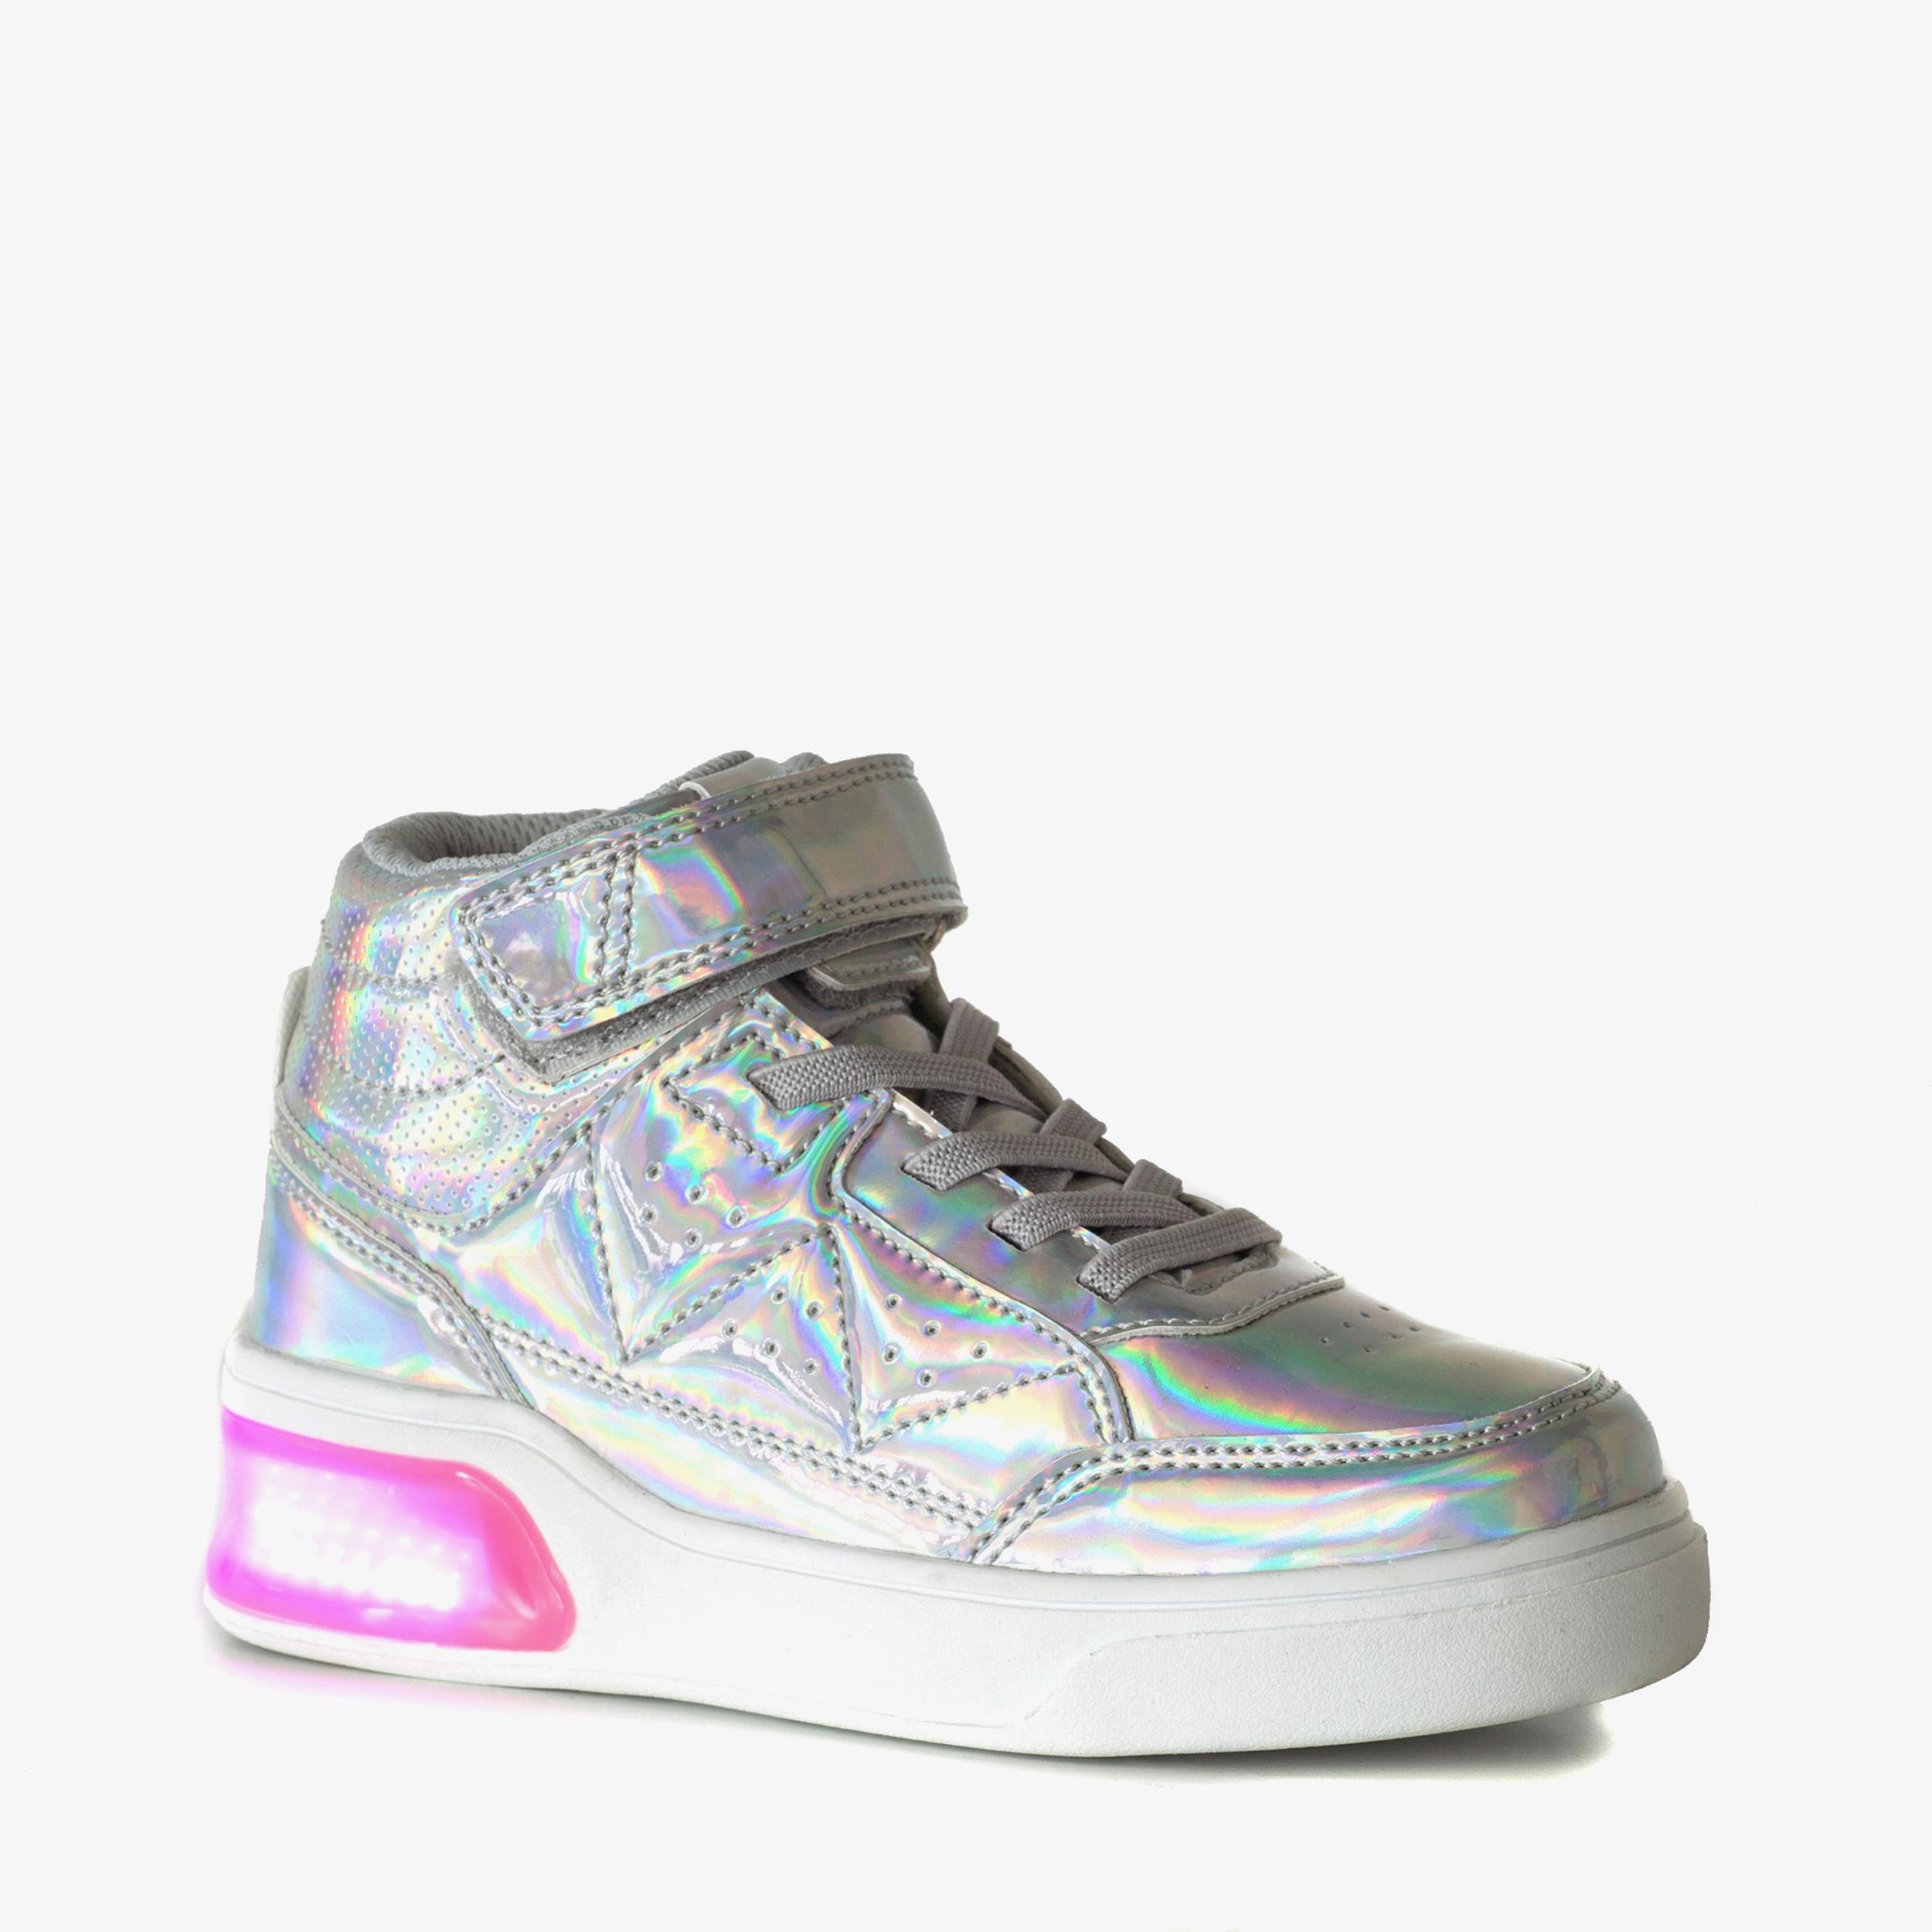 Blue Box meisjes sneakers met lichtjes | Scapino.nl